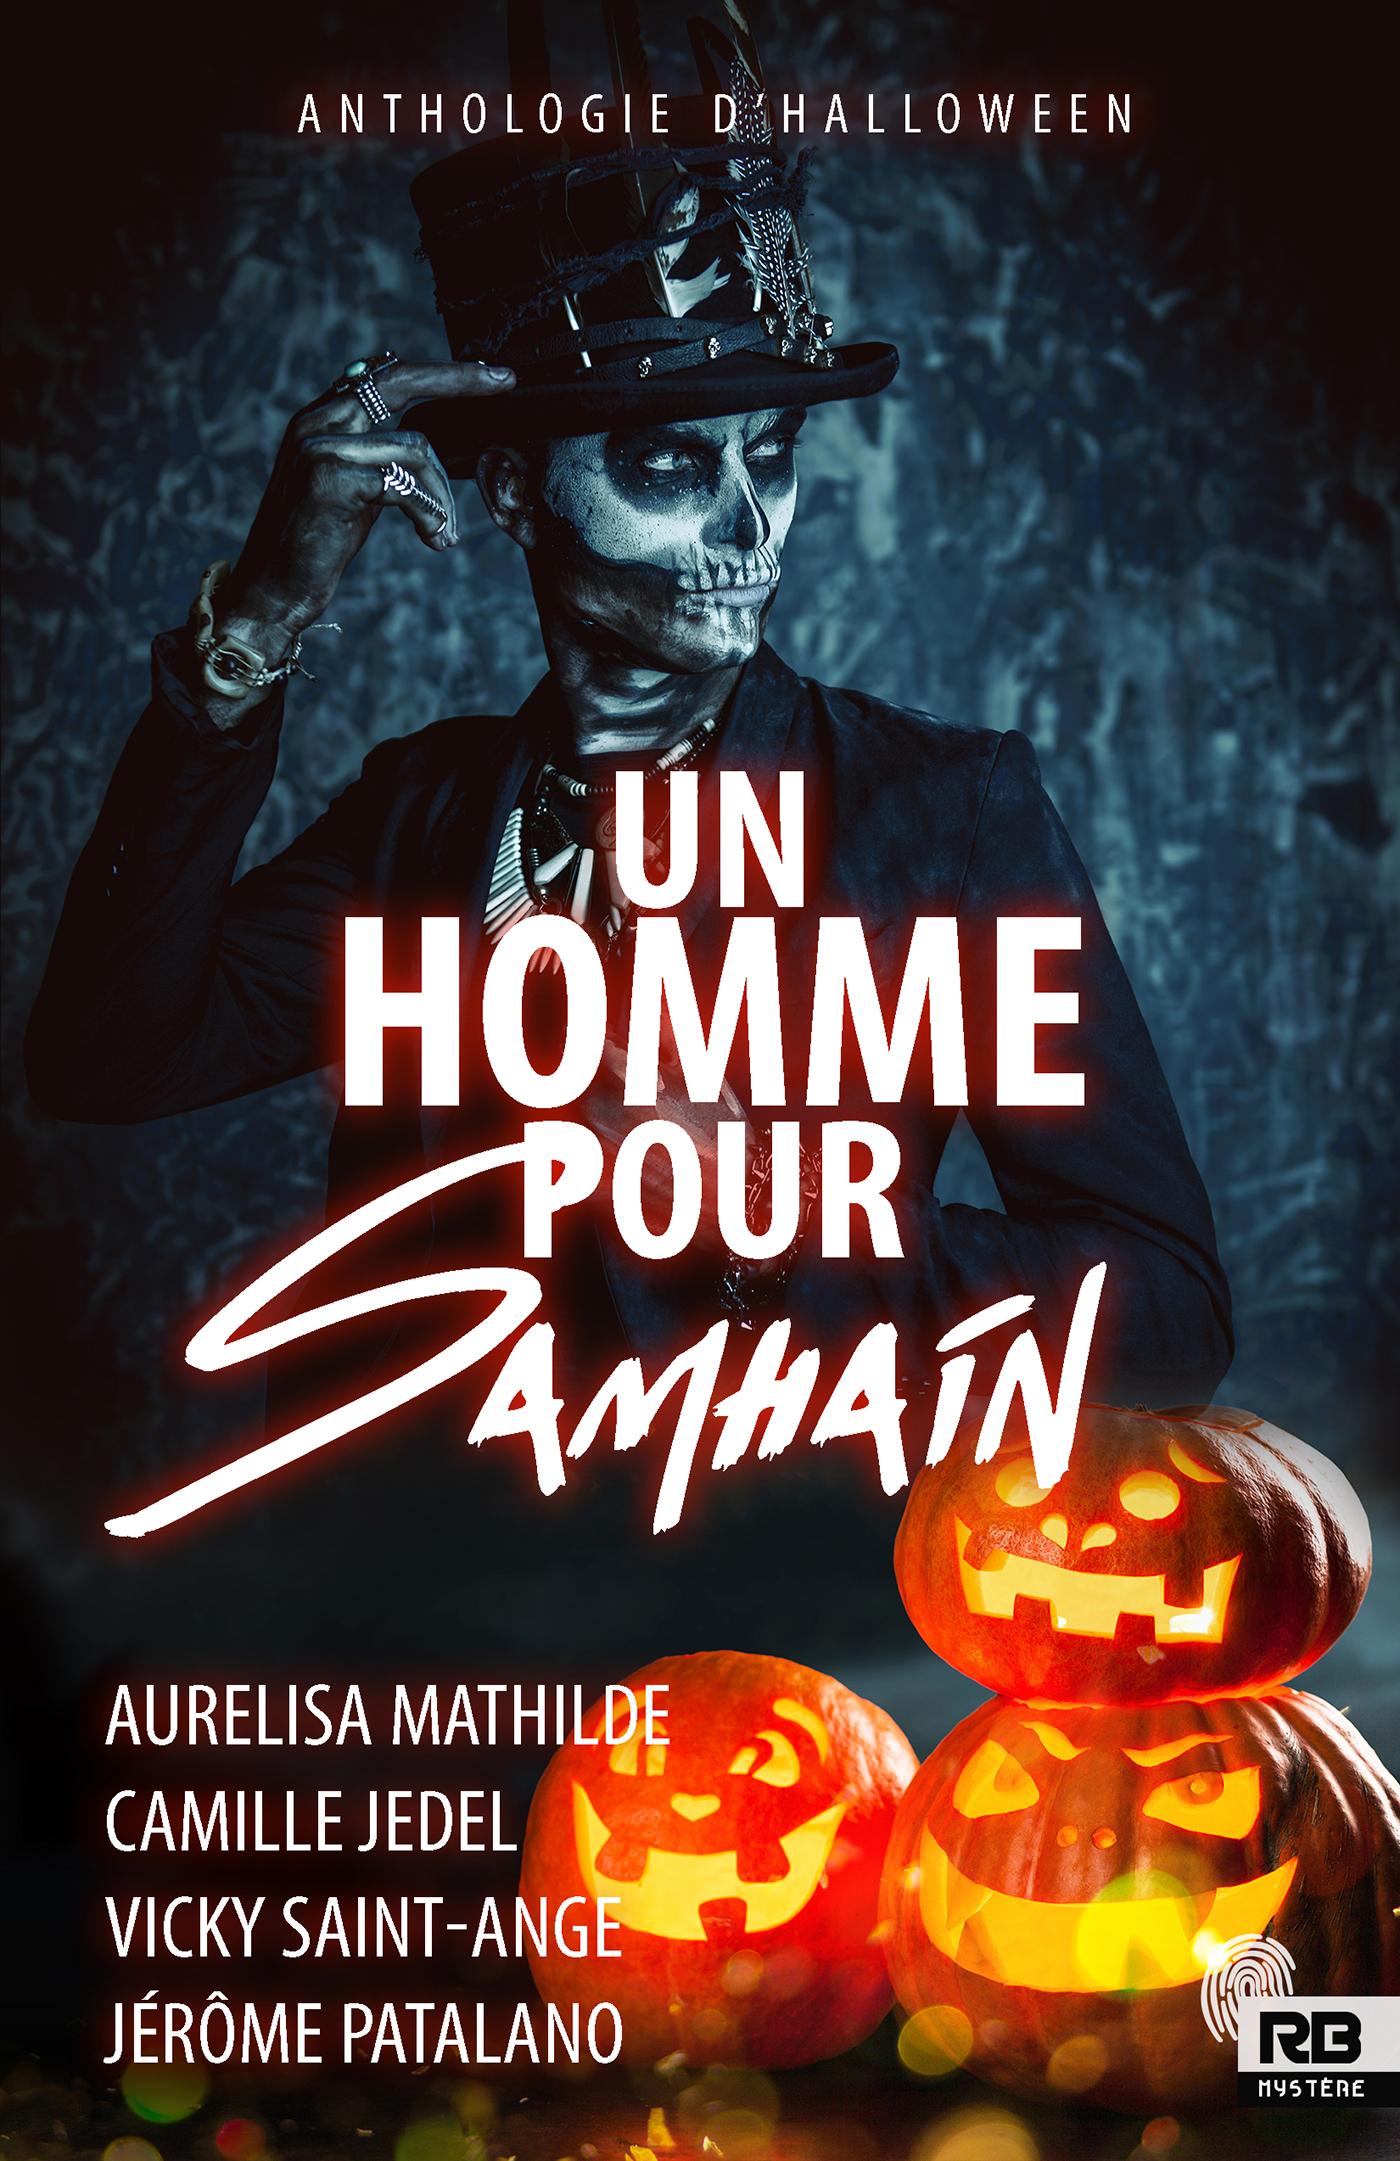 Un homme pour Samhain (Anthologie Halloween) écrit par Aurelisa Mathilde, Camille Jedel, Vicky Saint-Ange et Jerôme Patalano